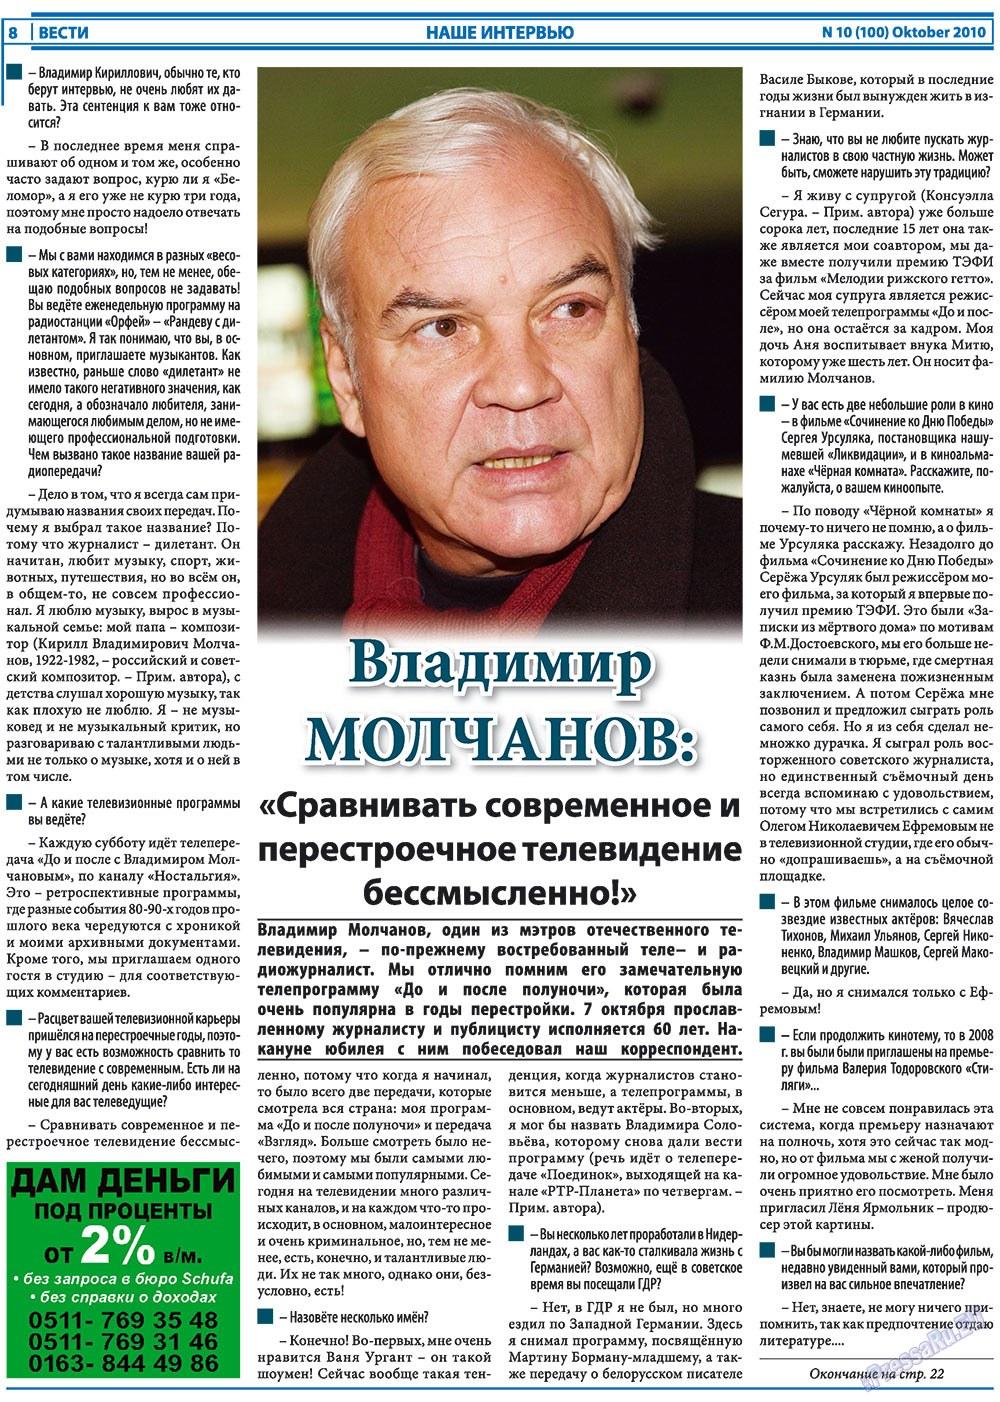 Вести (газета). 2010 год, номер 10, стр. 8